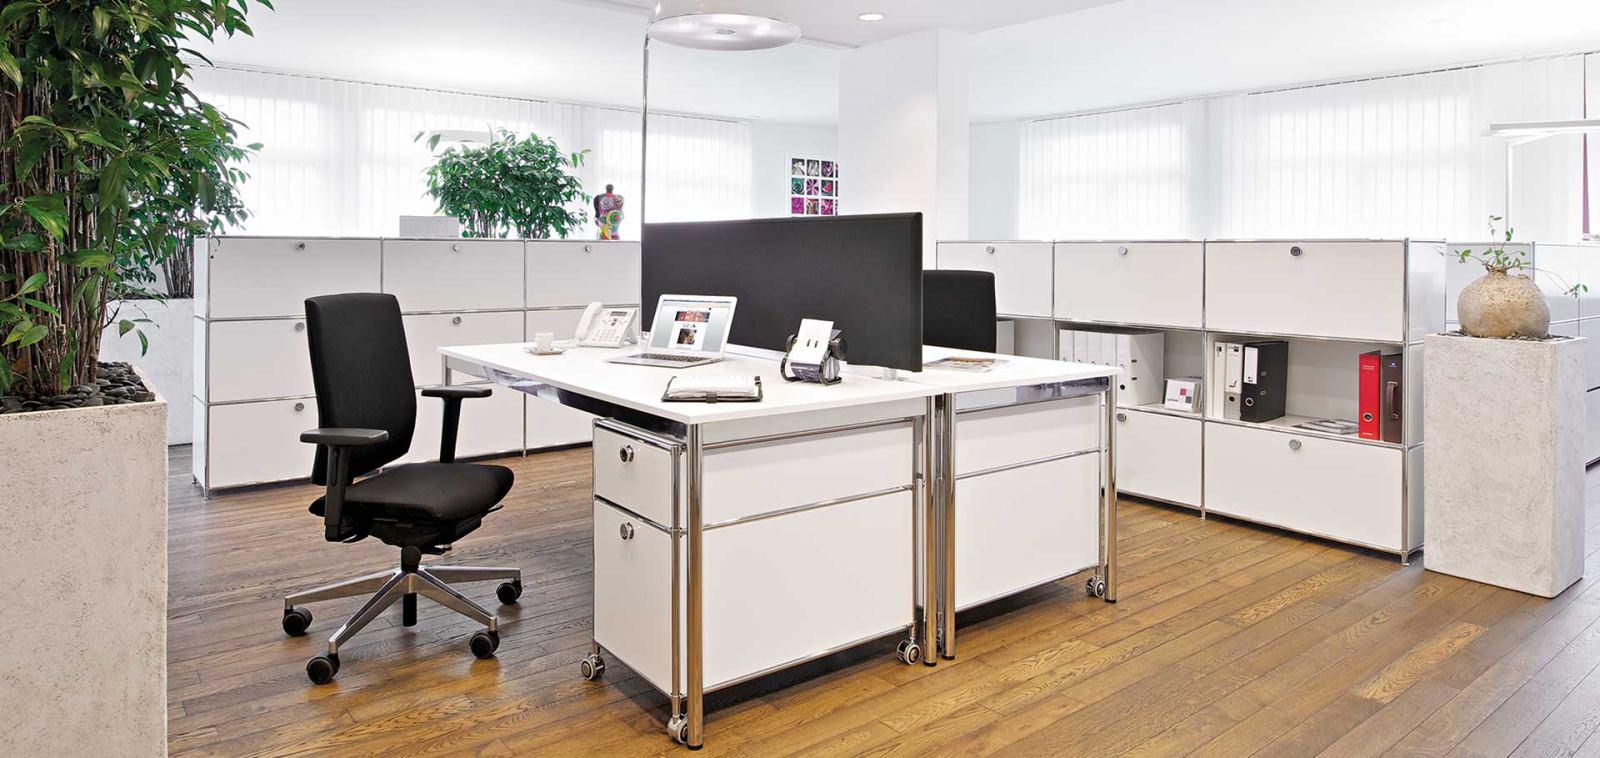 Büromöbel - masitcon